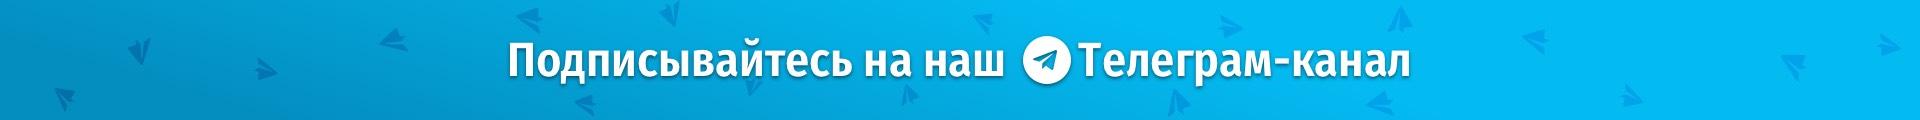 Подпишитесь на наш канал Туда-сюда в Телеграме